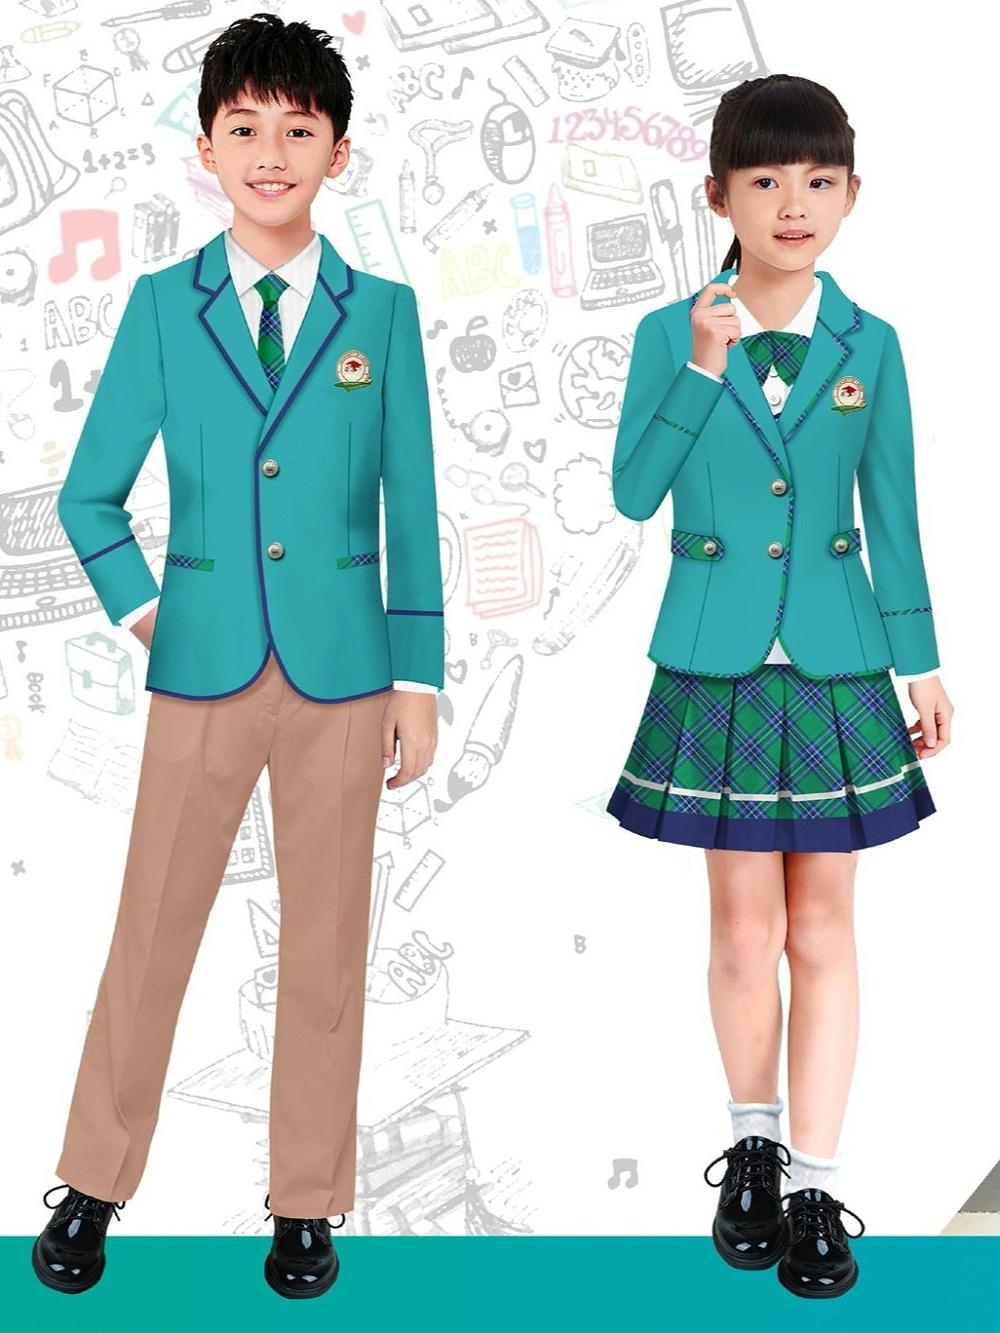 4款春秋季中小学生校服 外国语学校校服 公立私立学校校服